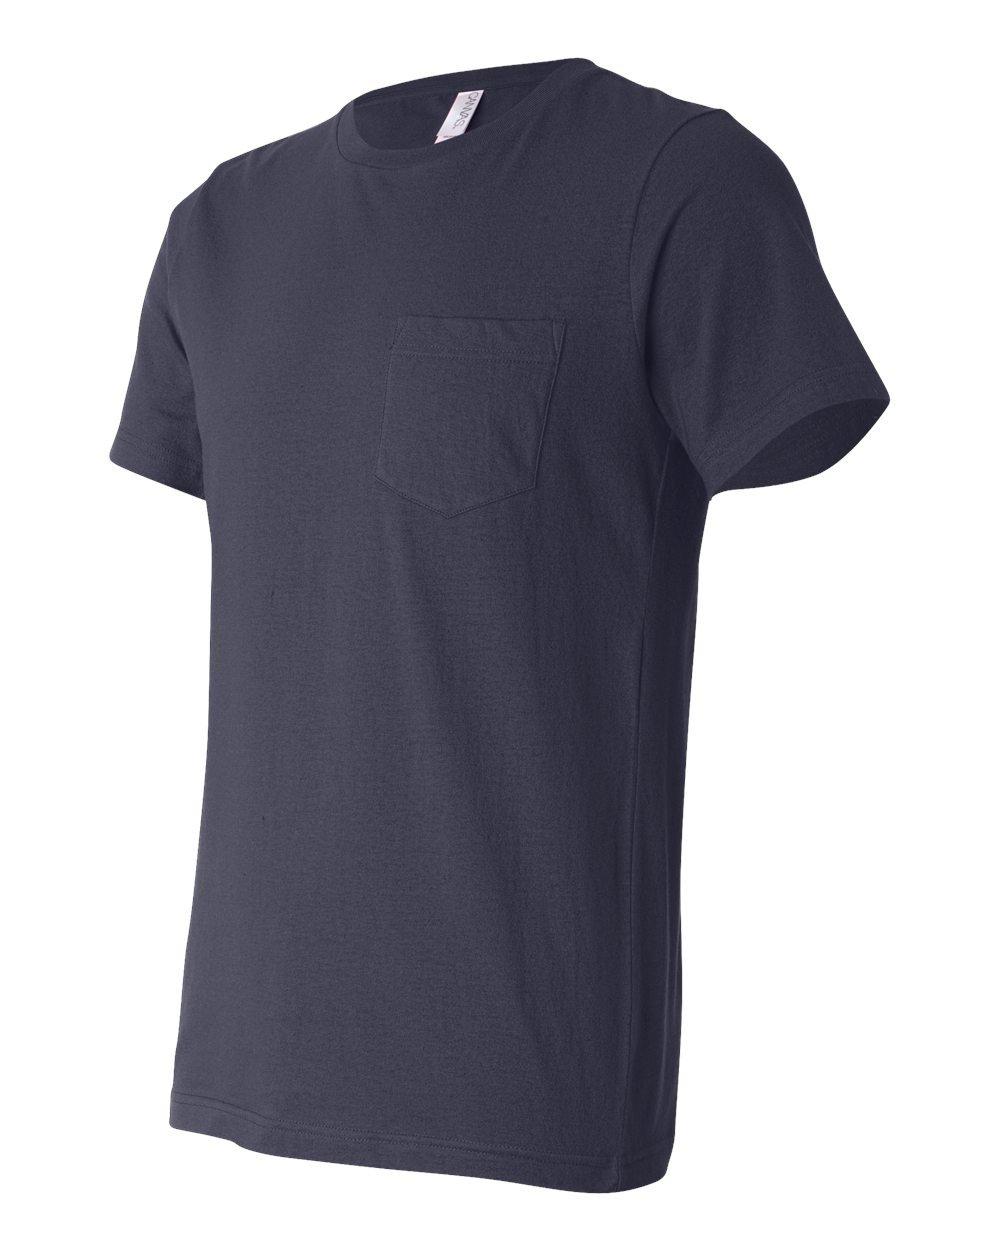 Bella And Canvas Jersey Pocket T Shirt Evan Webster Ink